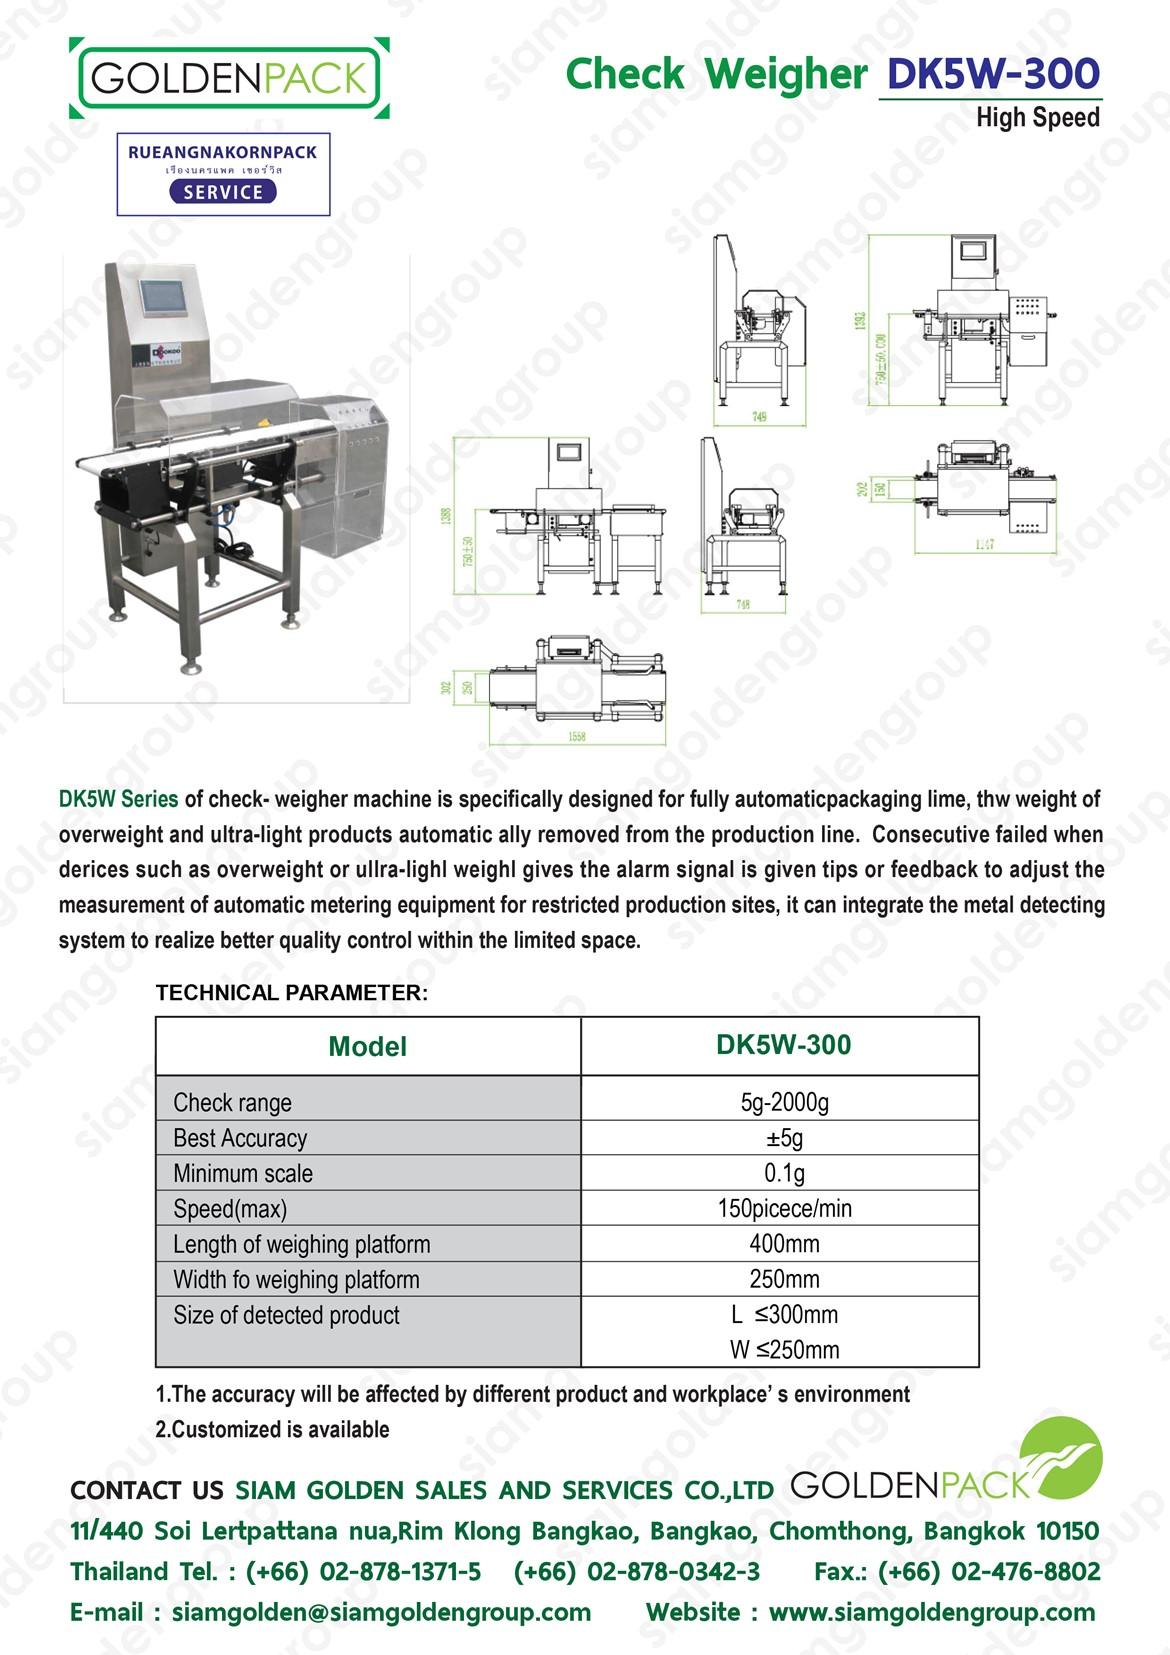 เครื่องตรวจสอบน้ำหนัก รุ่น SPEC DK 5W300